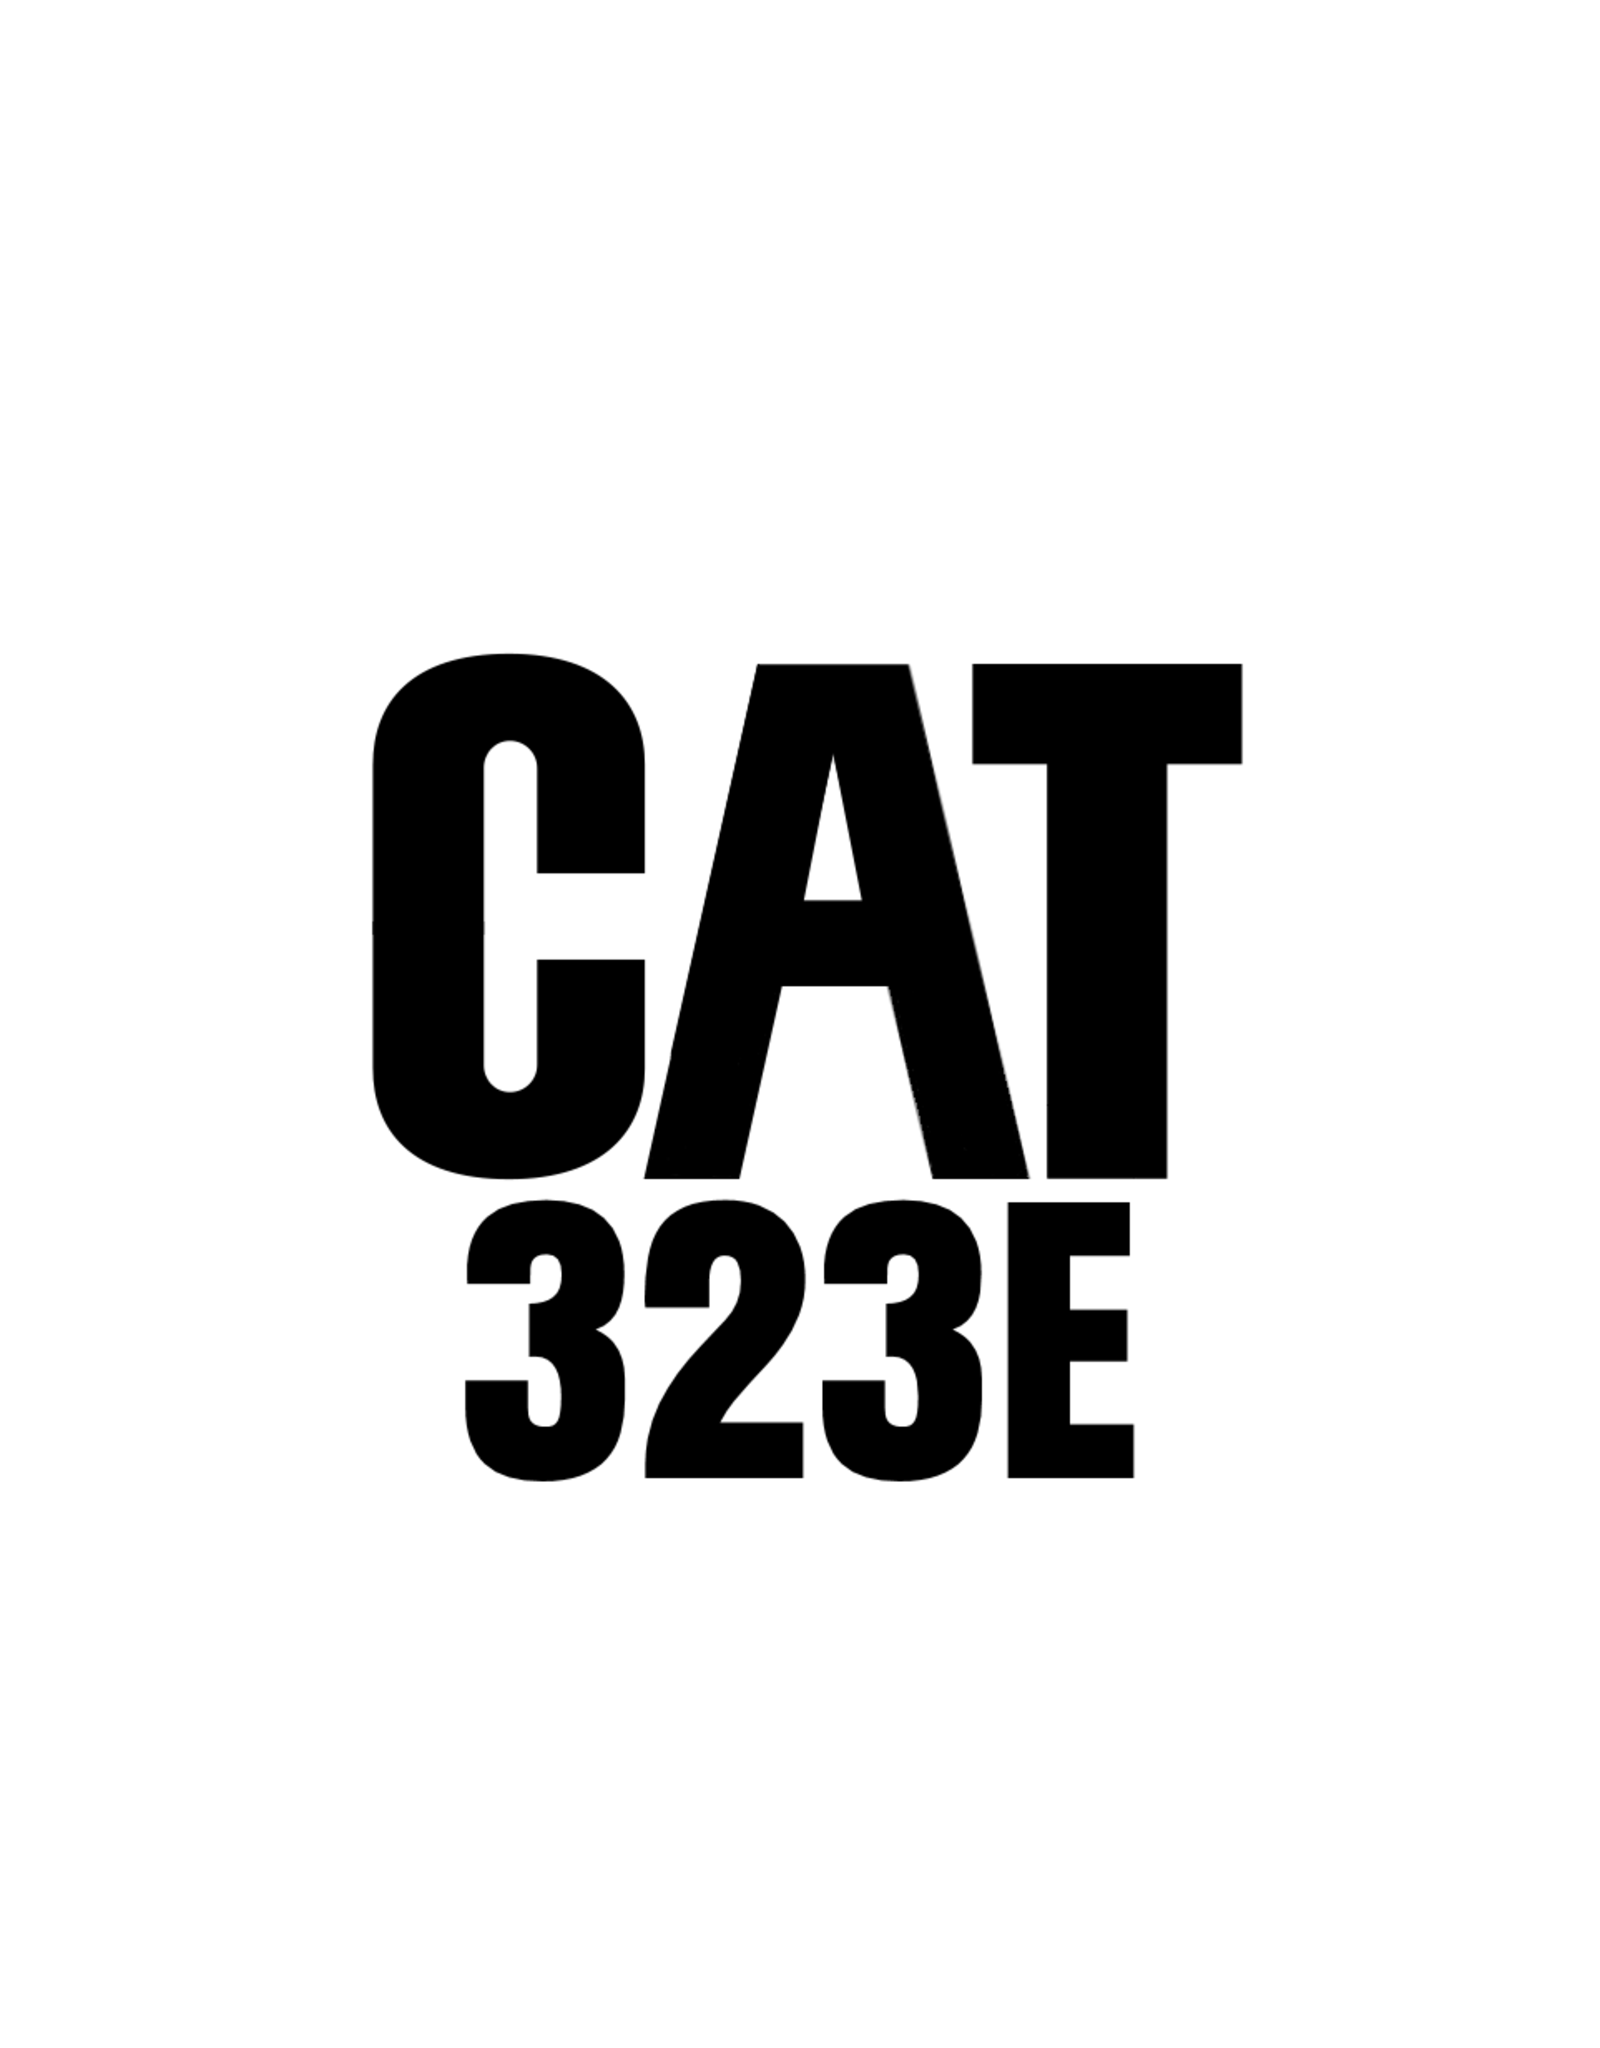 Echle Hartstahl GmbH FOPS for CAT 323E